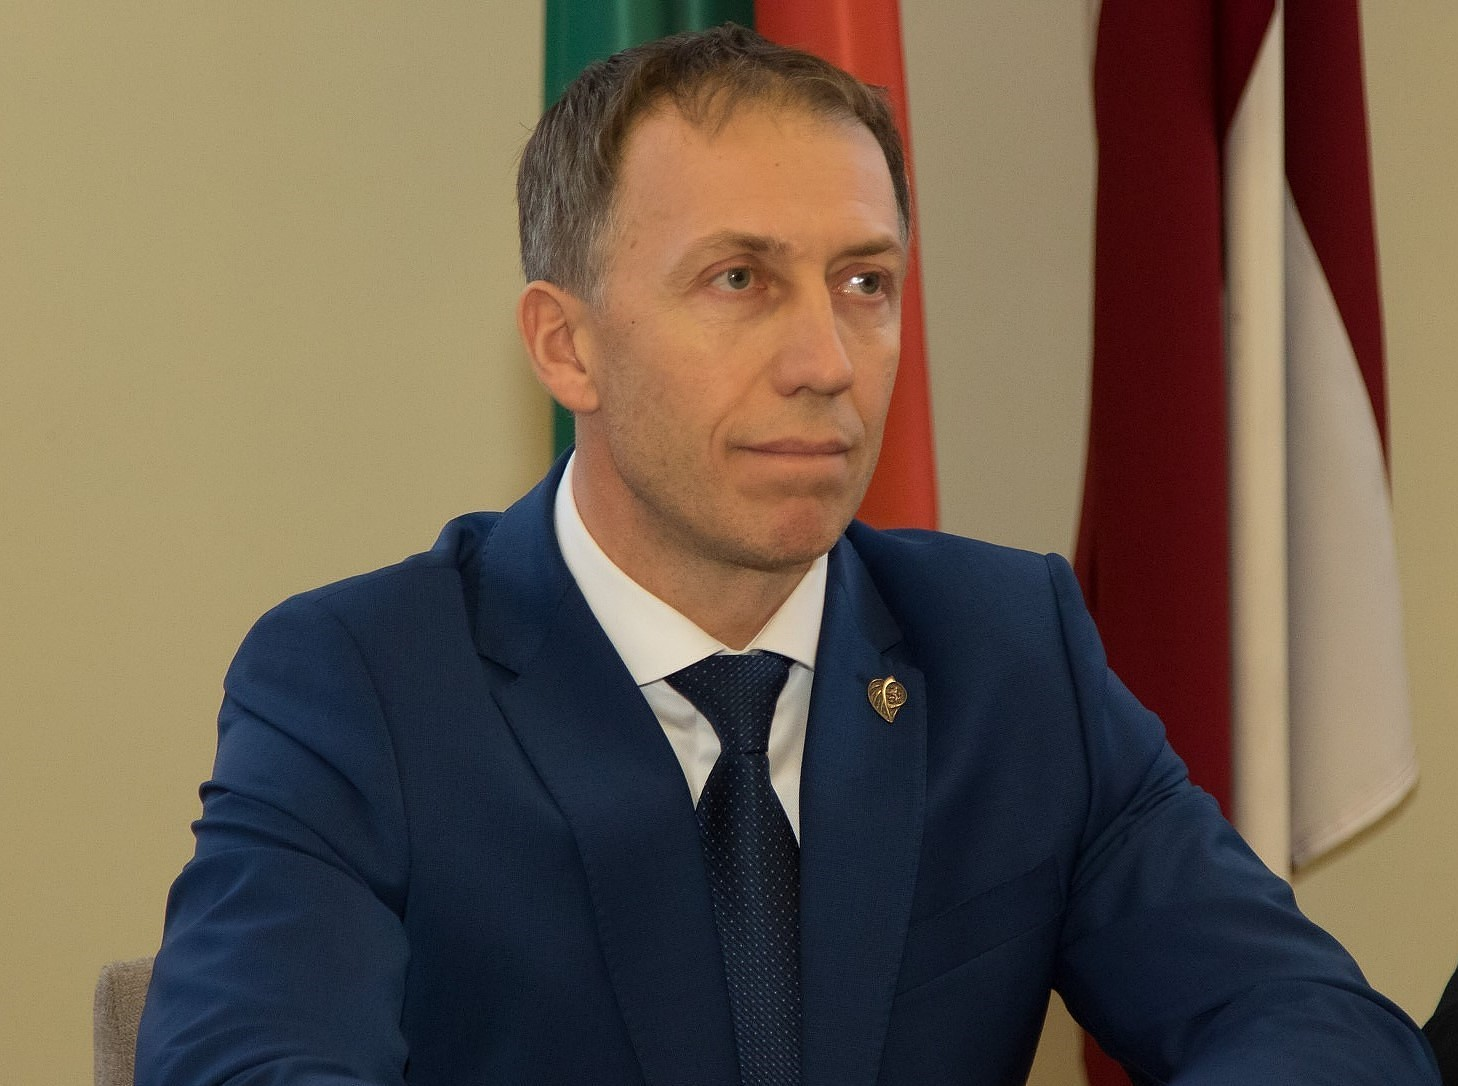 Мэр Лиепаи осторожно оценивает возможности сотрудничества с новым правительством